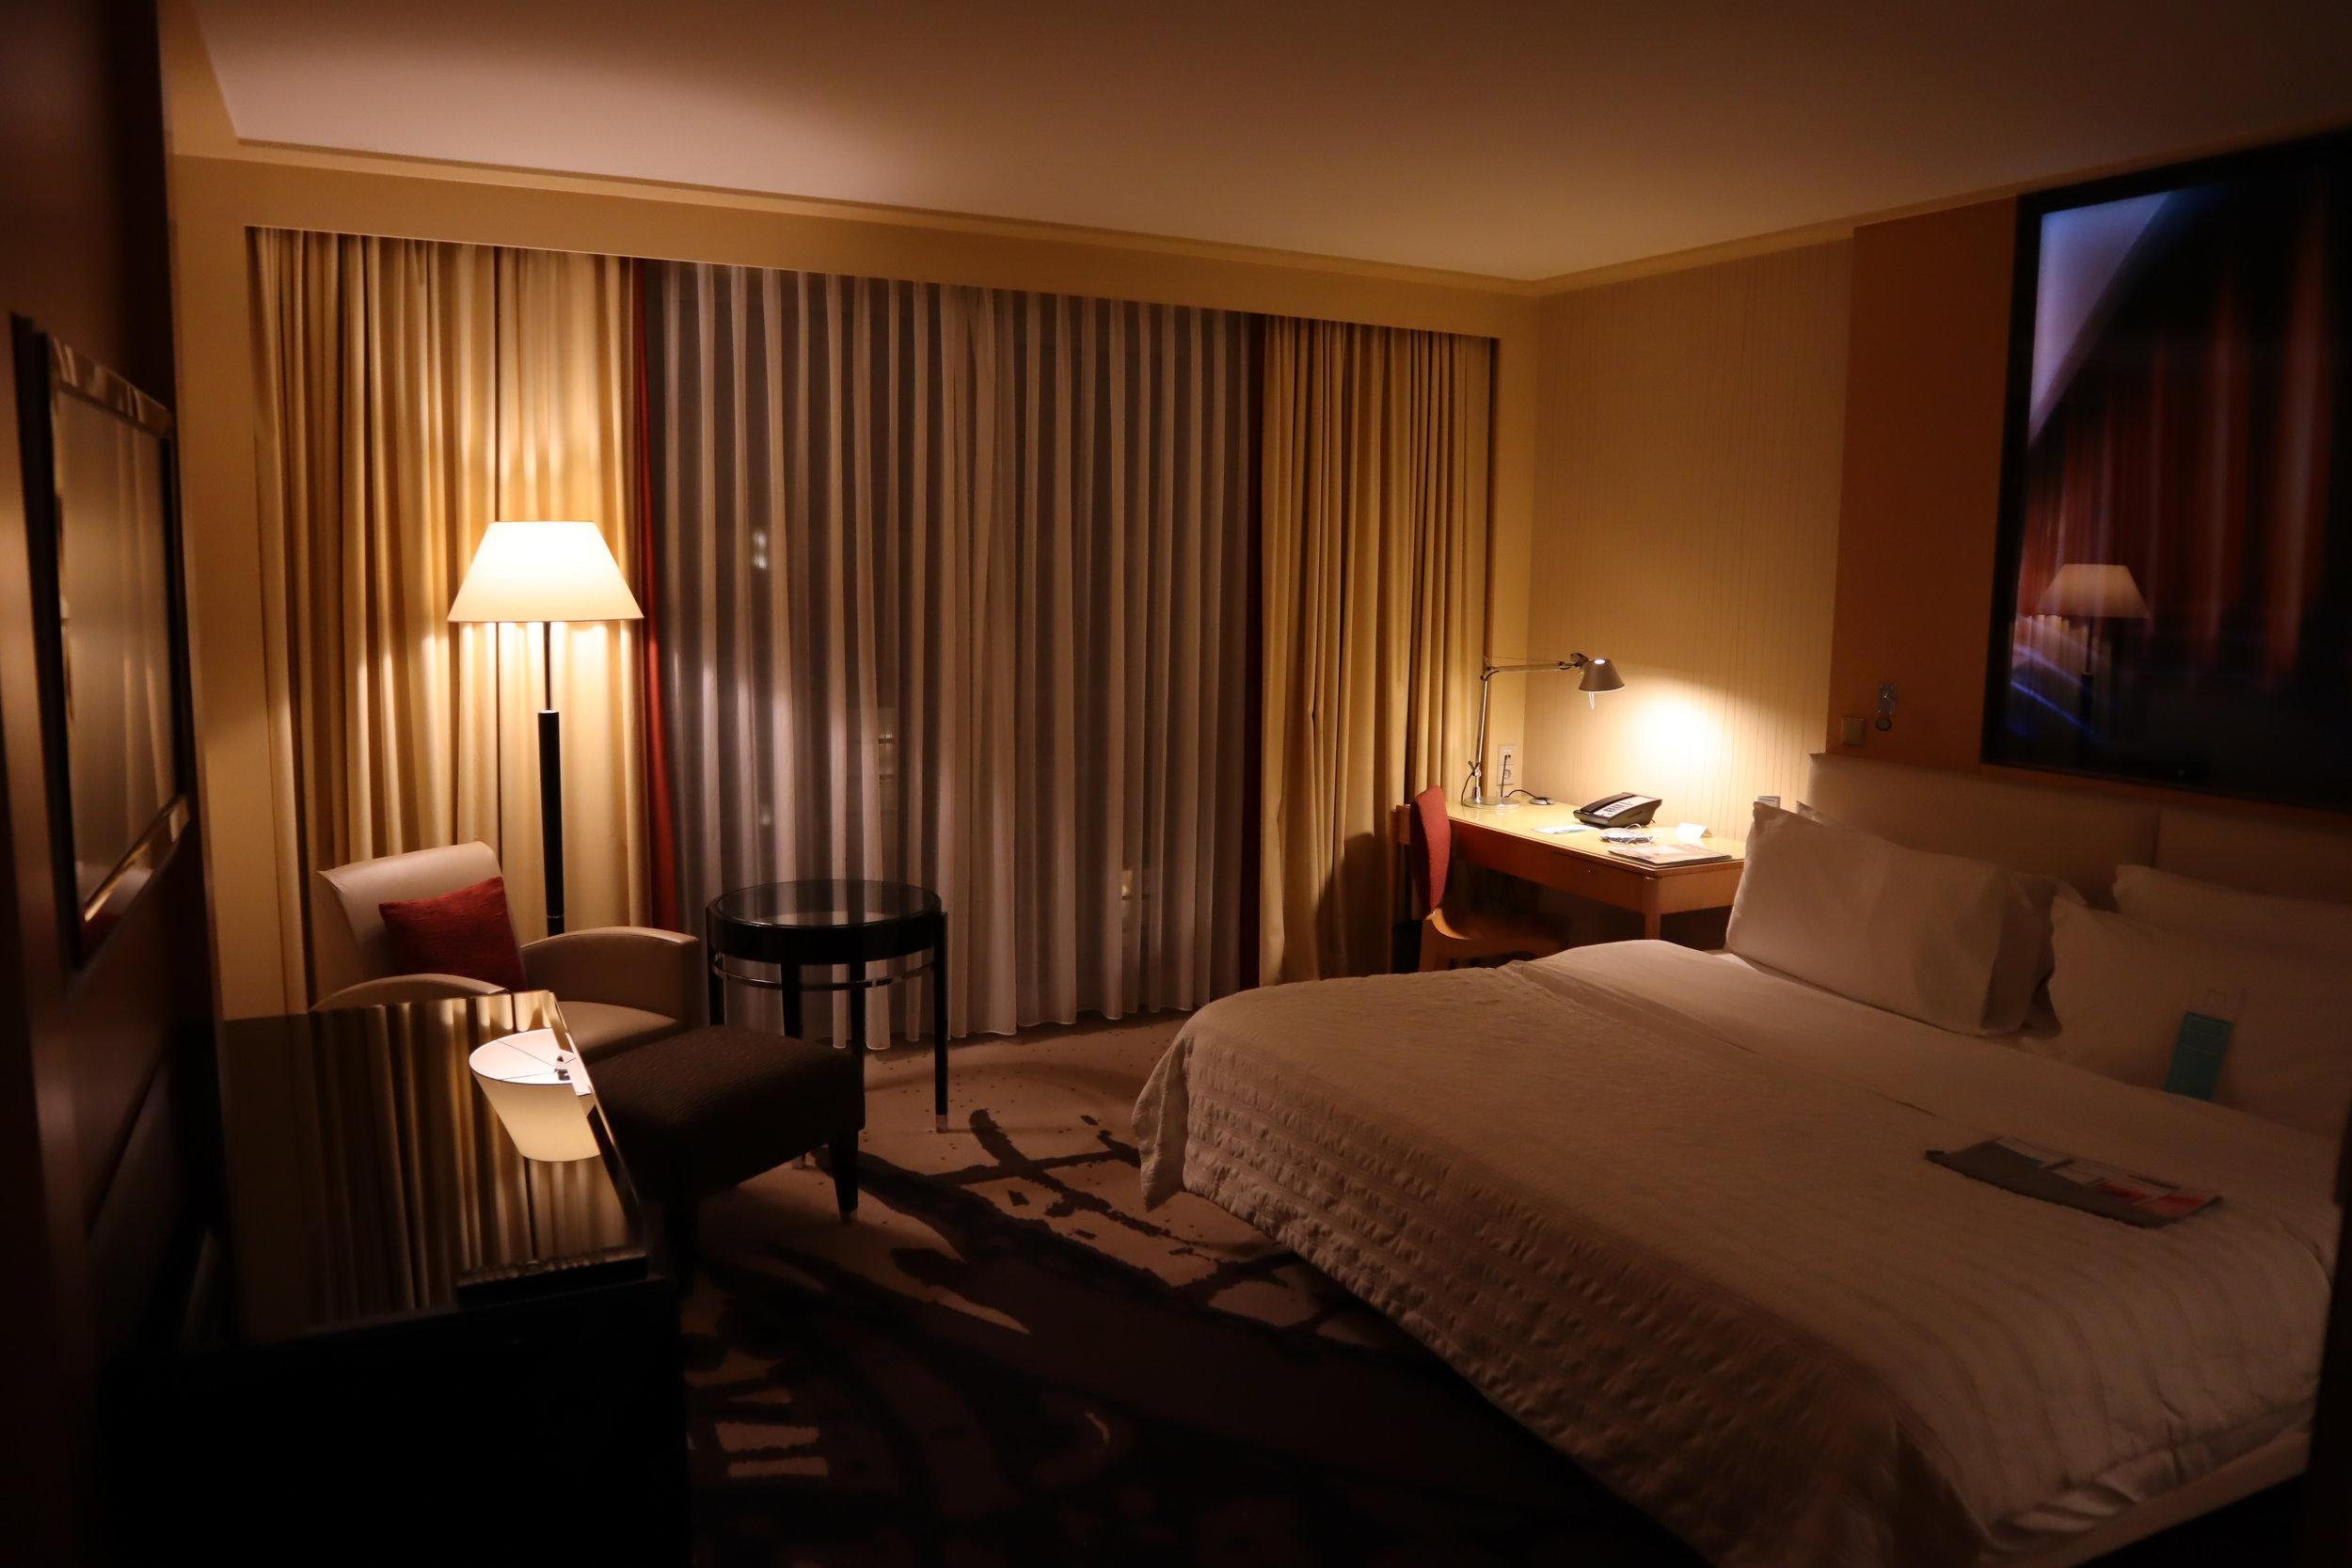 Le Méridien Munich – Bedroom